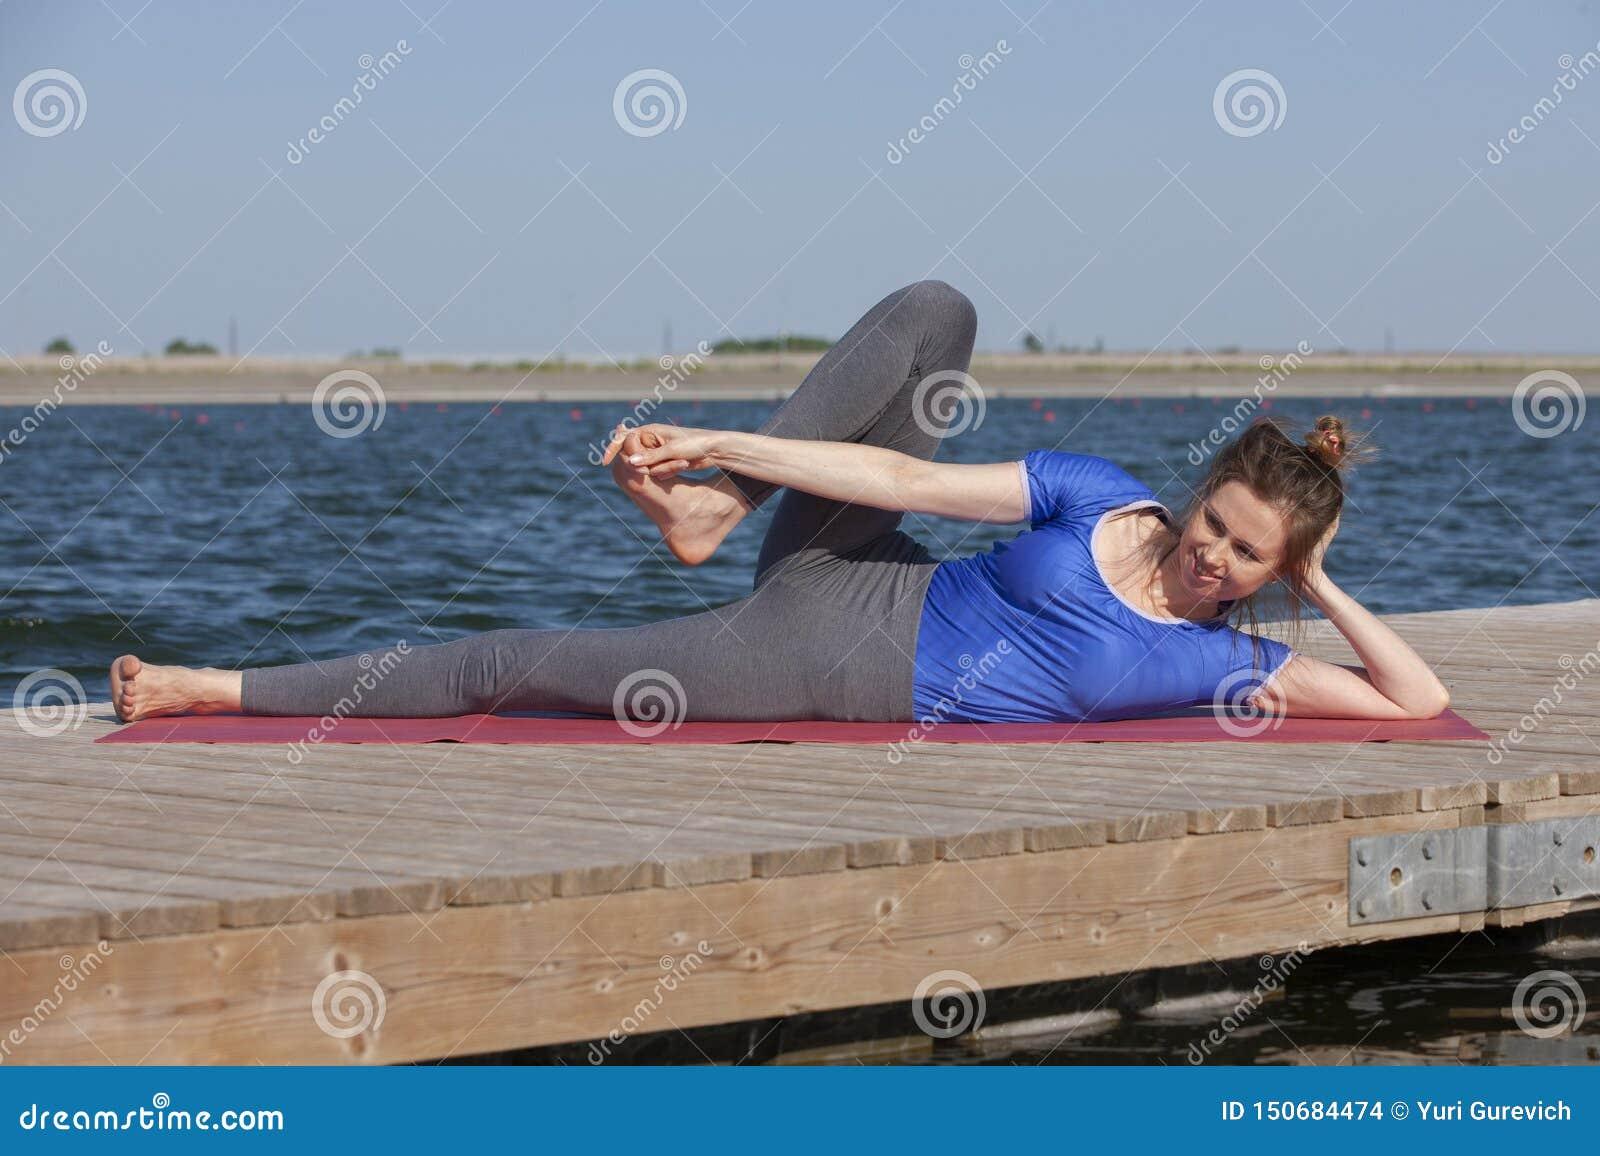 Yoga practicante hermosa de la mujer joven al aire libre por mañana